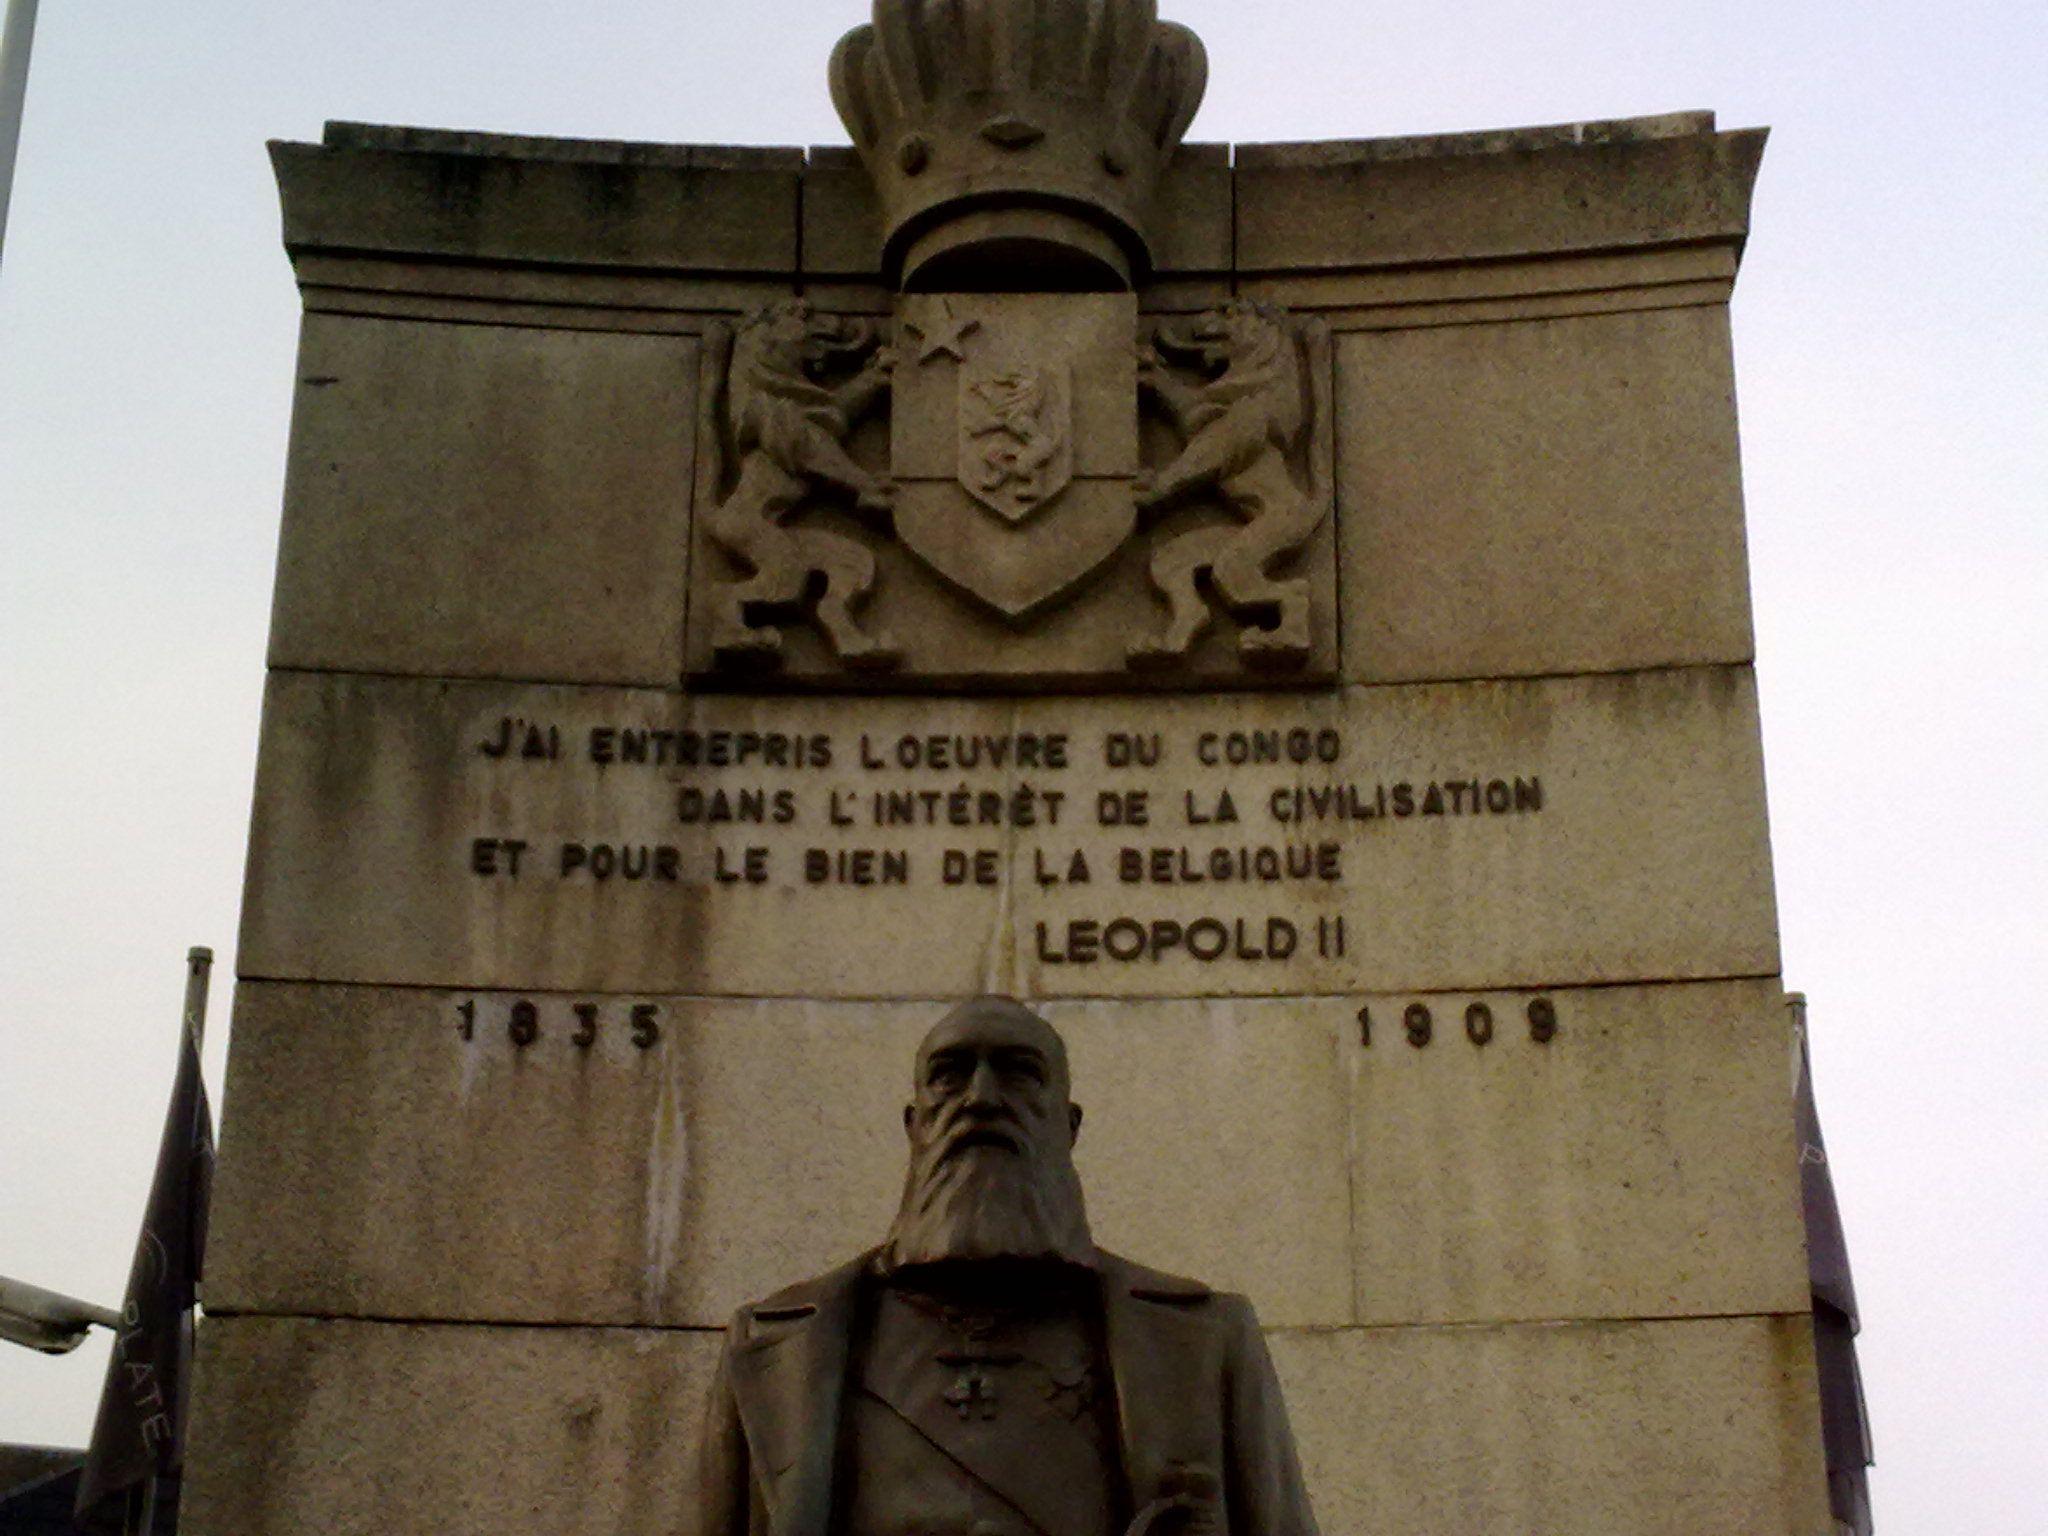 Uploadmedia Wikipedia Commons 4 42